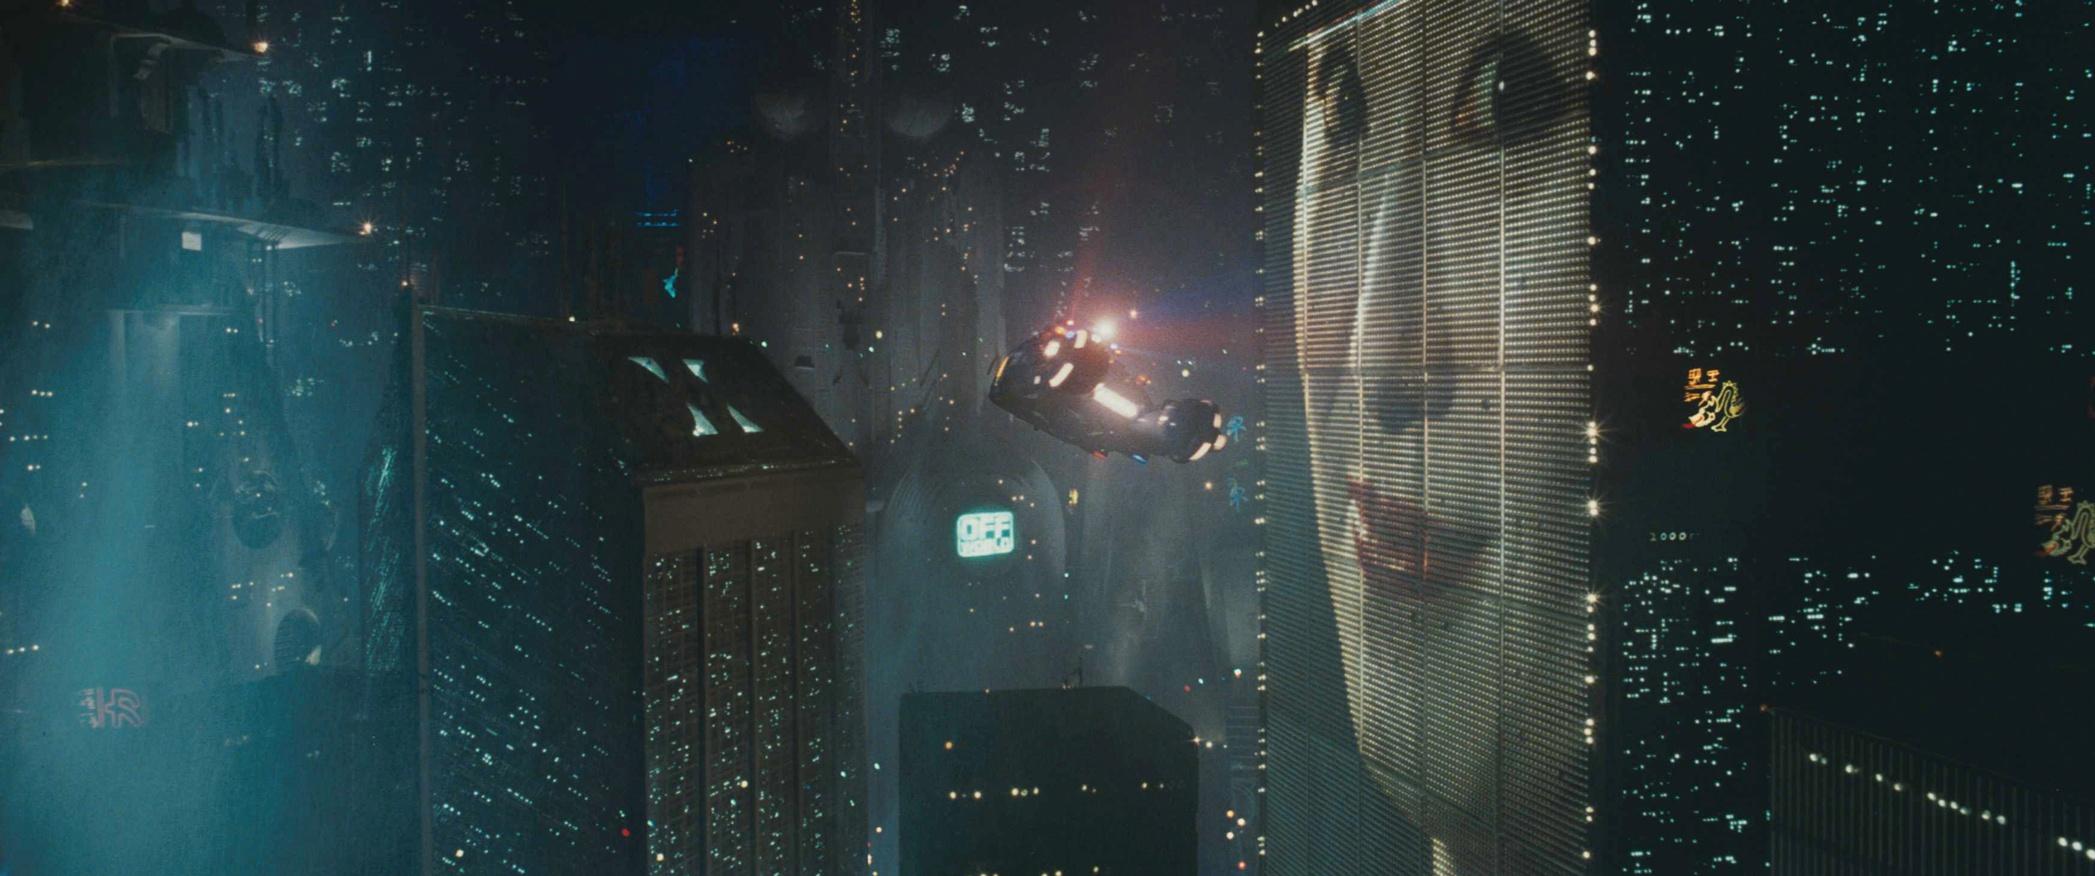 『ブレードランナー』(82) 酸性雨が降る薄汚れた2019年の街で妖しく光る日本語のネオンは、ハイテクで世界を席巻するアジアへの恐れの視覚化か